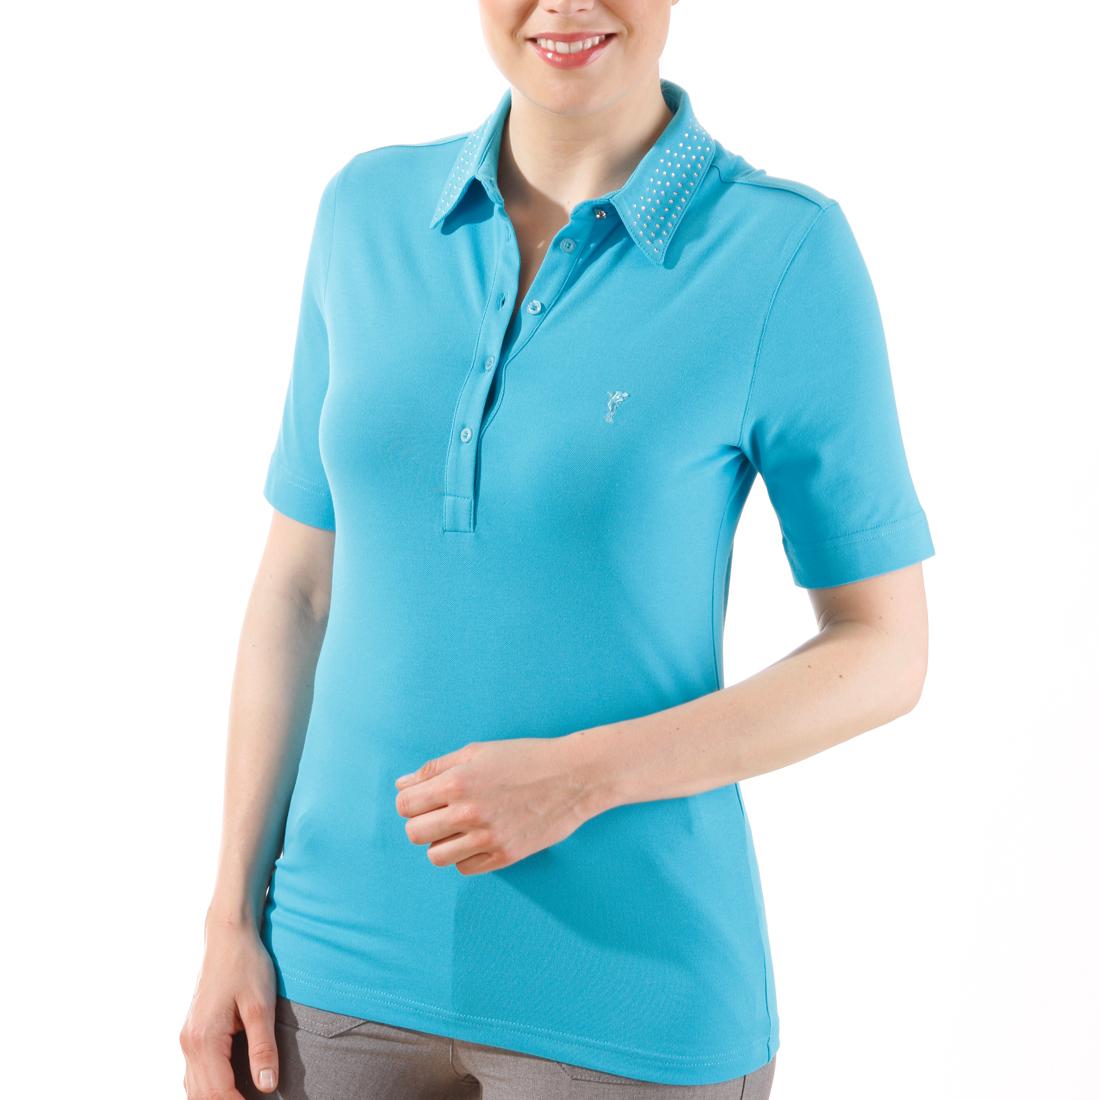 Polo mit Strass-Kragen und UV-Schutz